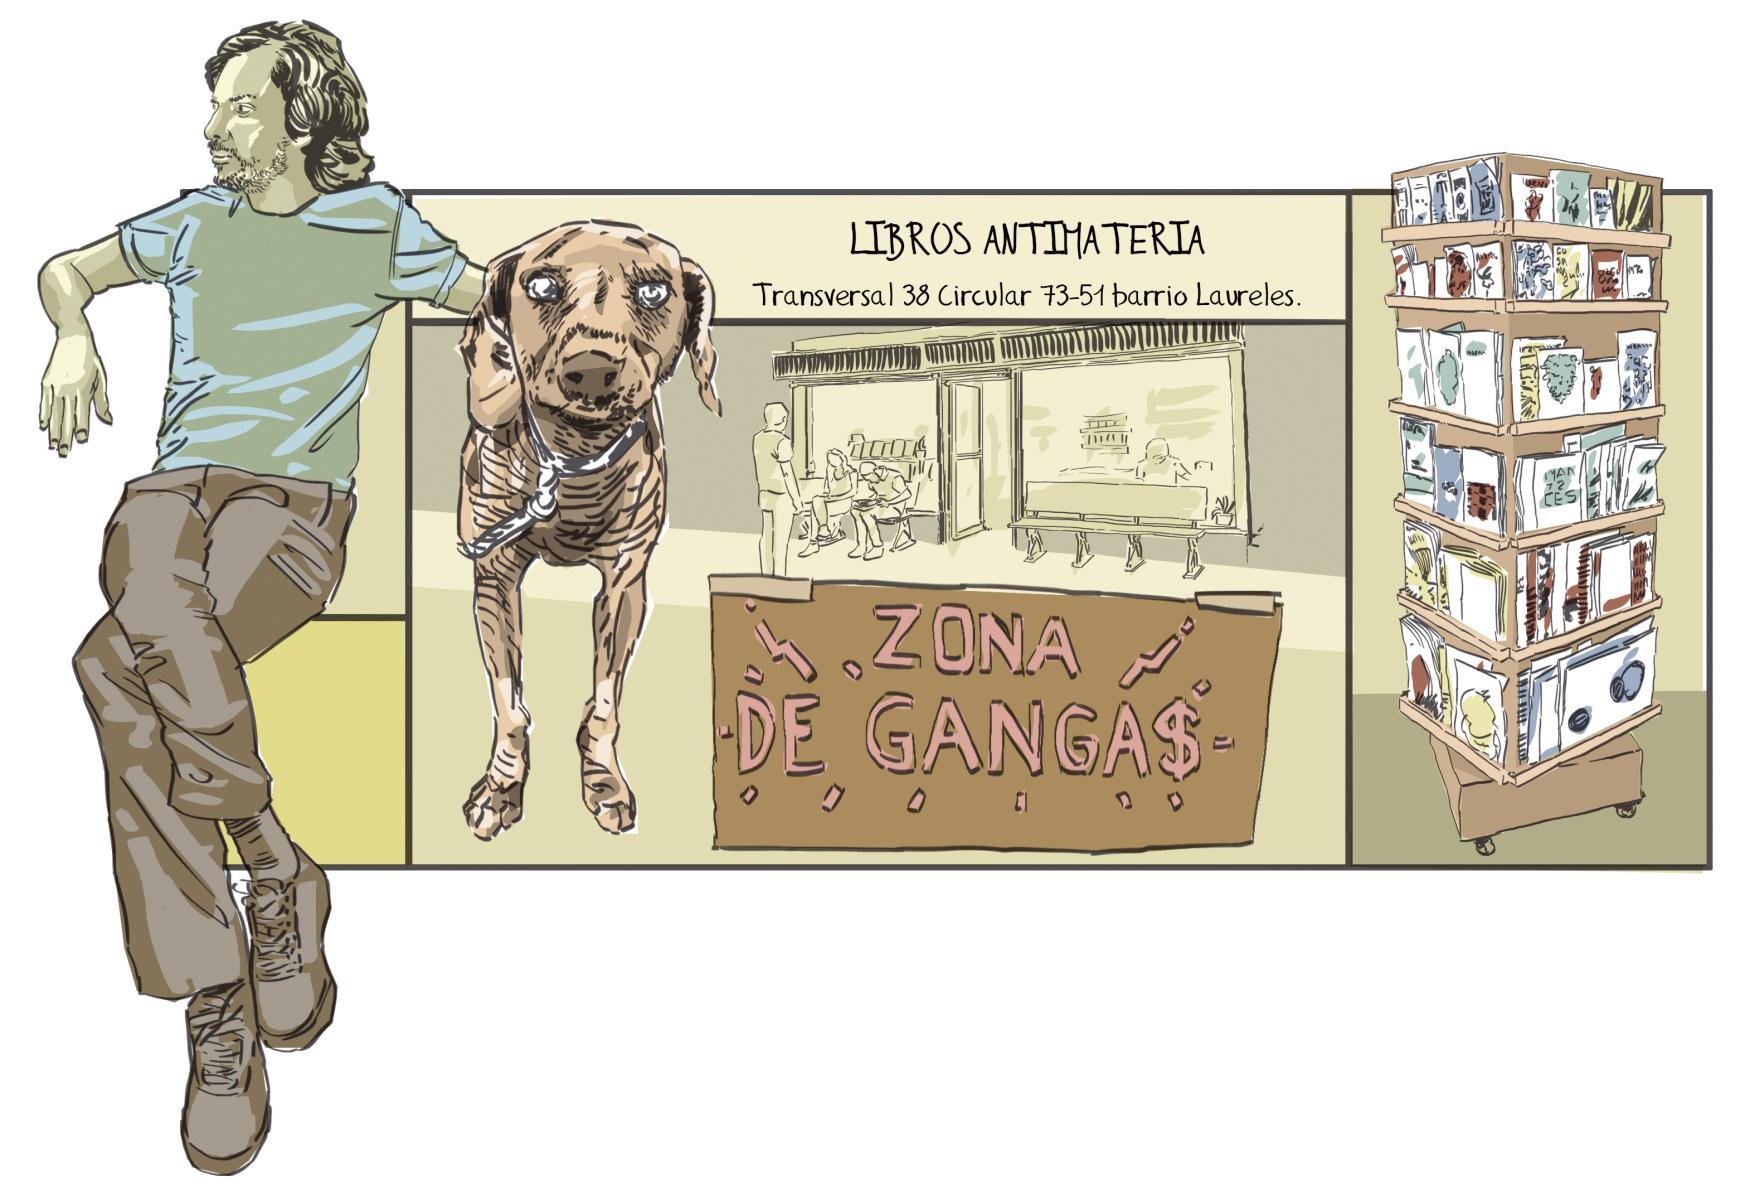 Comic y dibujo en medellín Libros antimateria